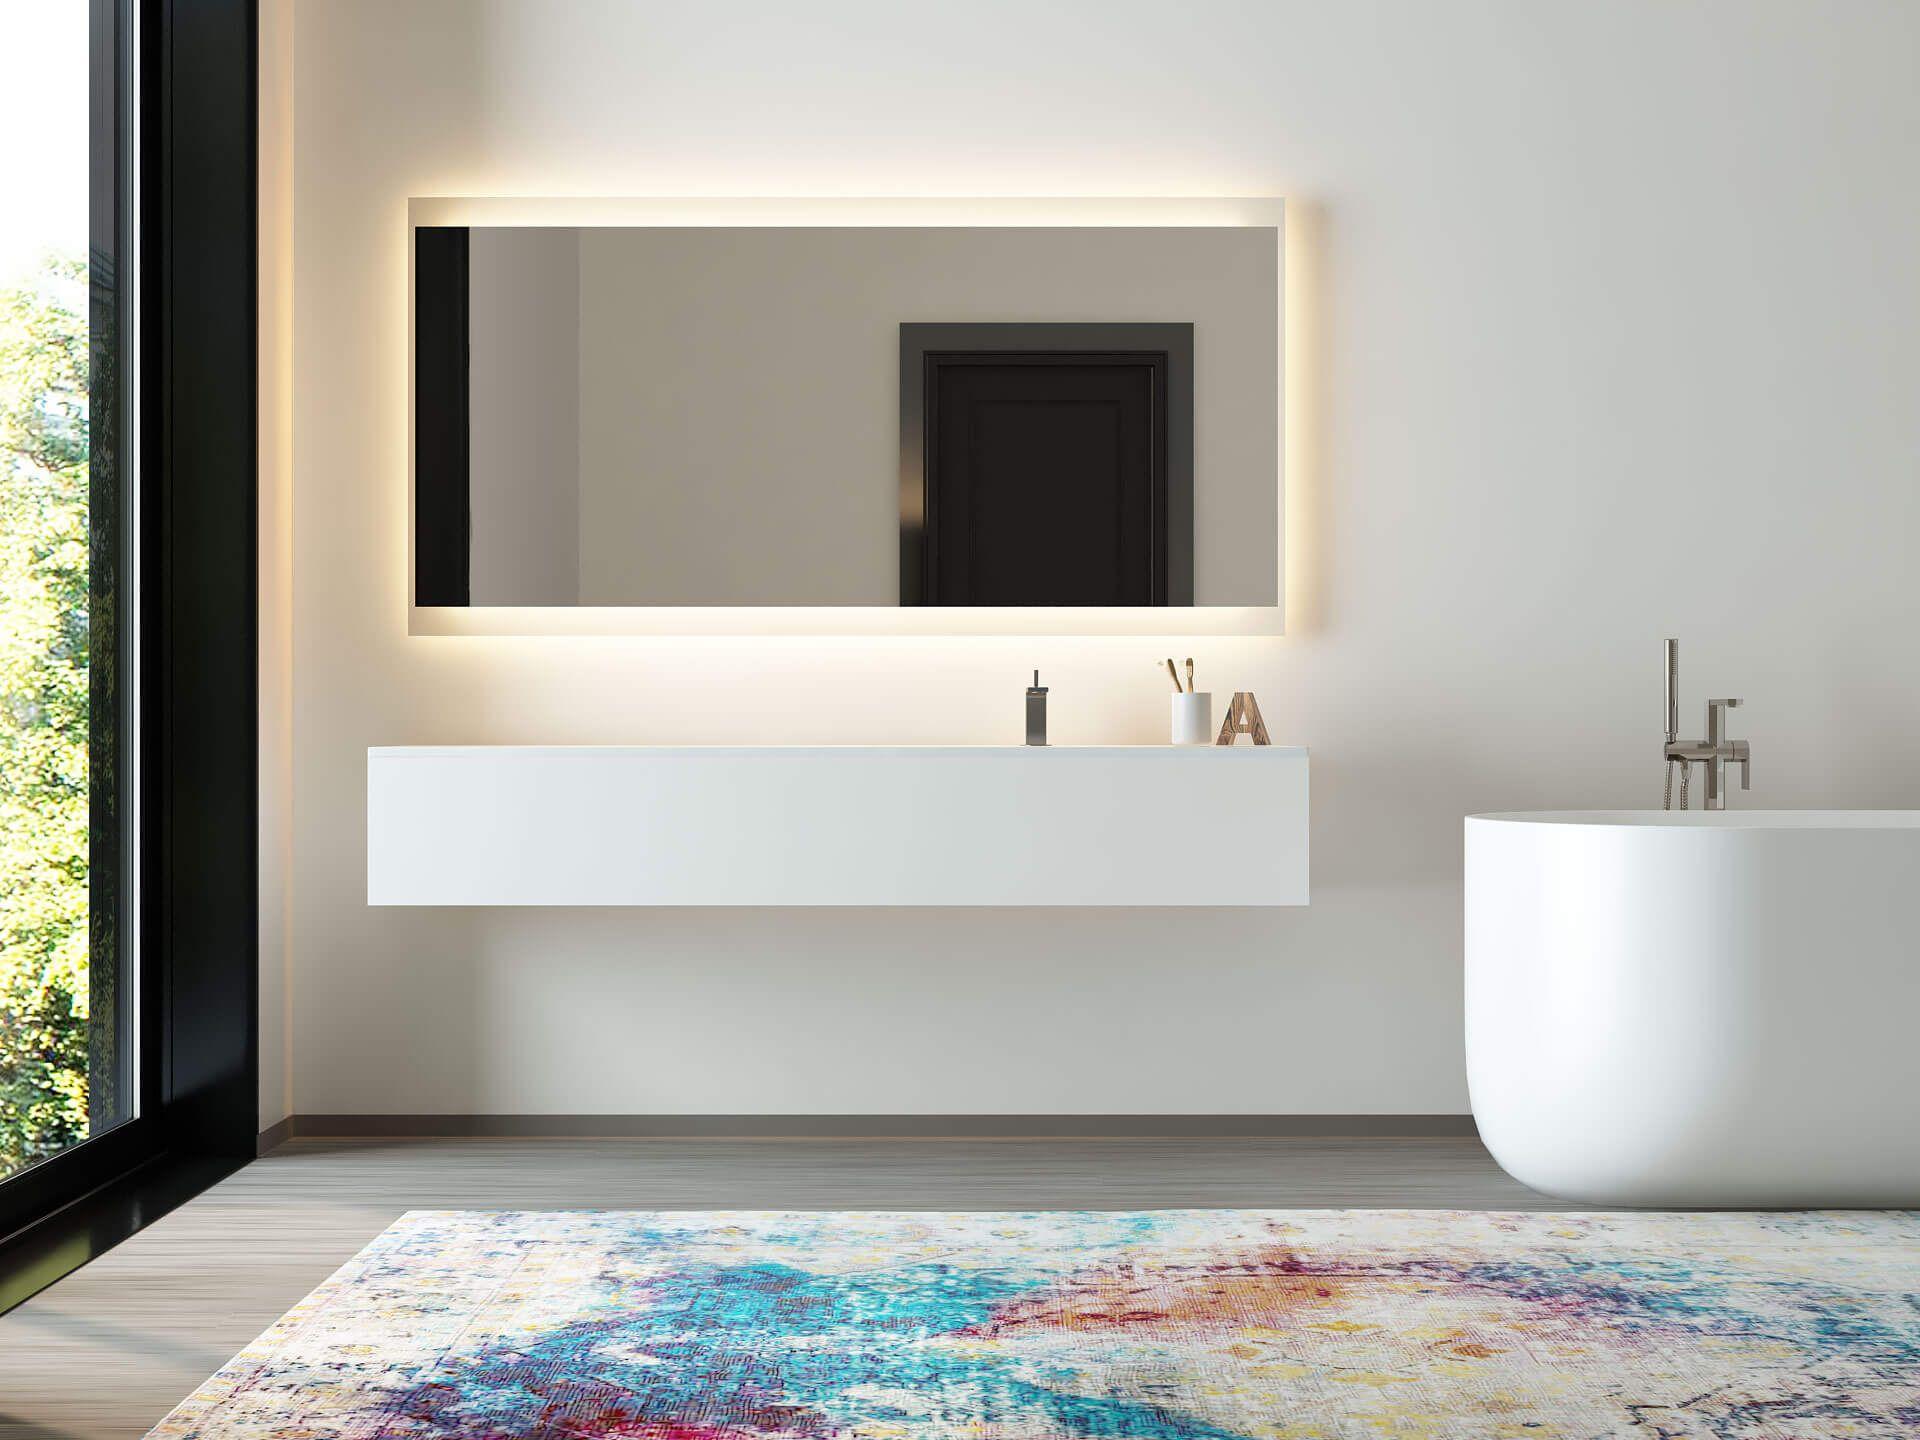 Pin Von Dagmar Prainer Auf Badezimmer Mit Bildern Badspiegel